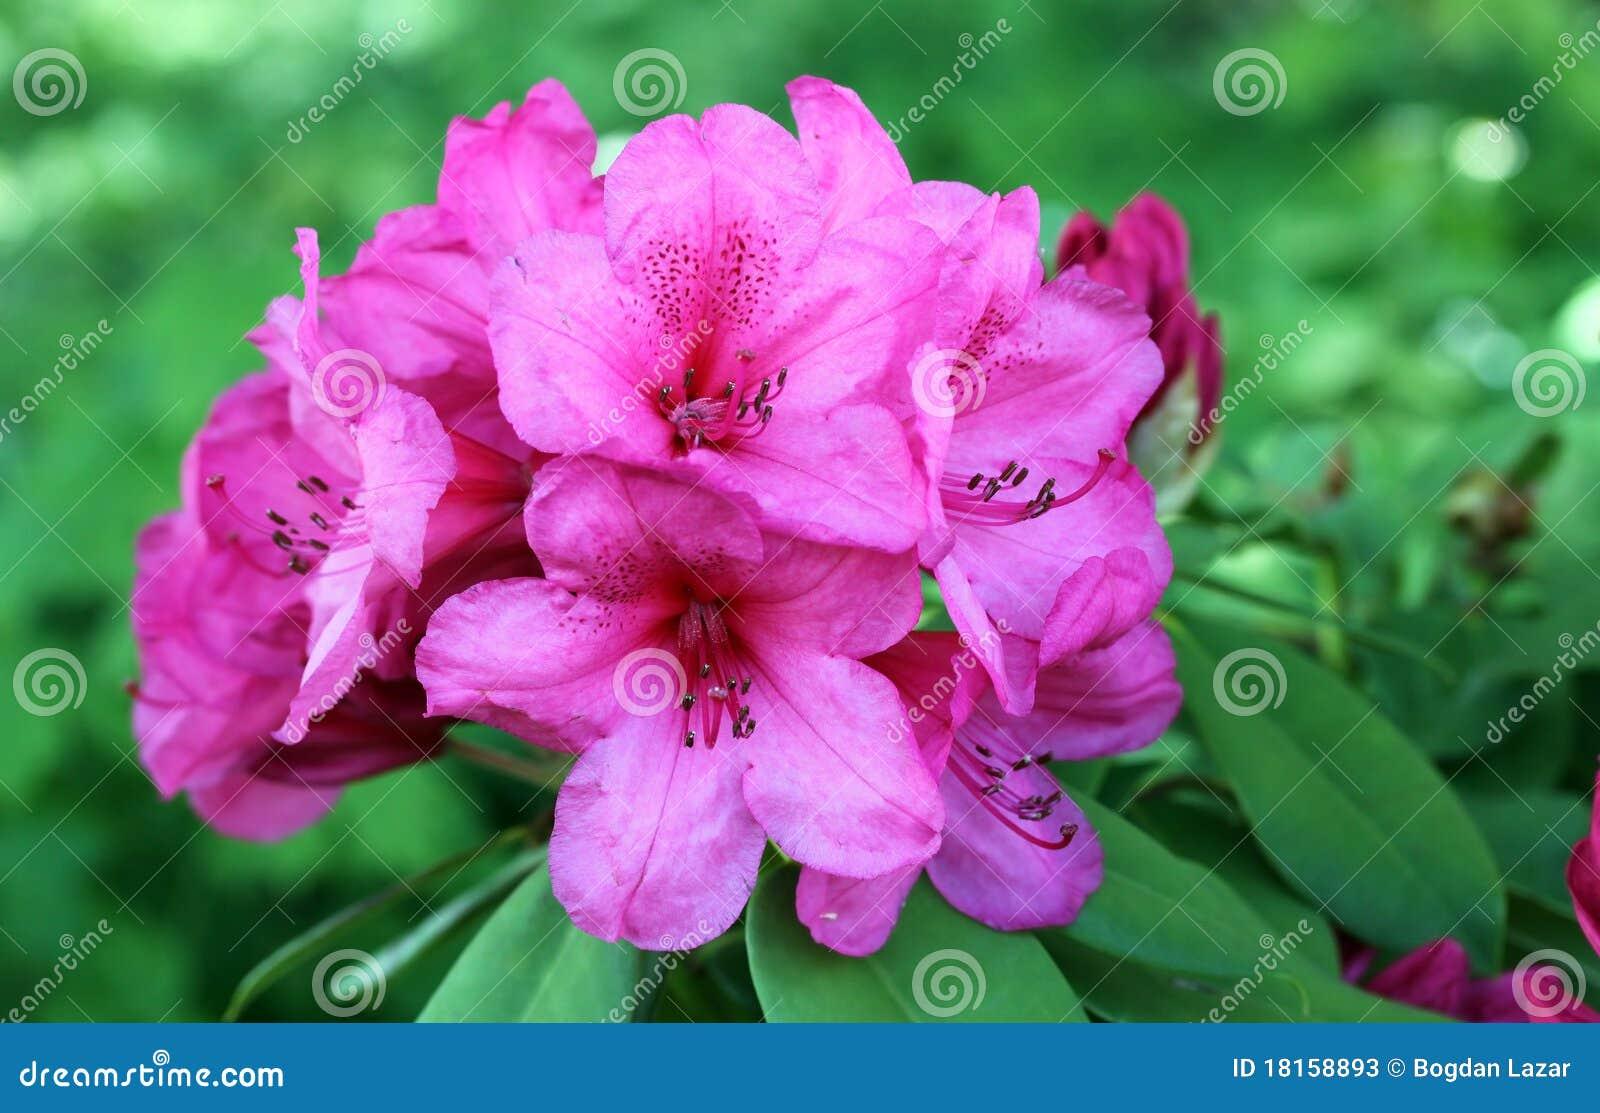 Azalea flowers in bloom